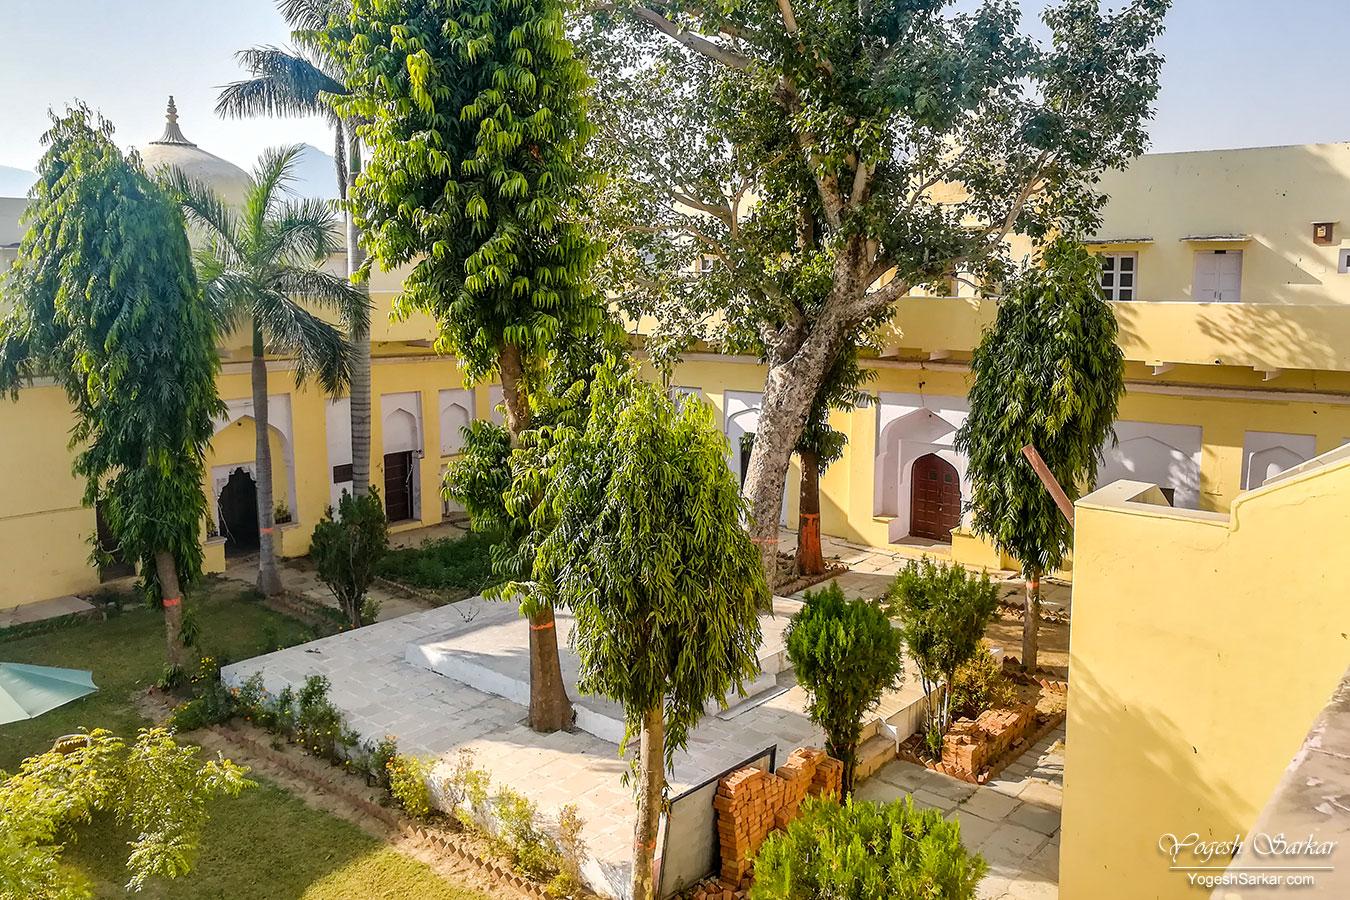 06-rtdc-pushkar-courtyard.jpg